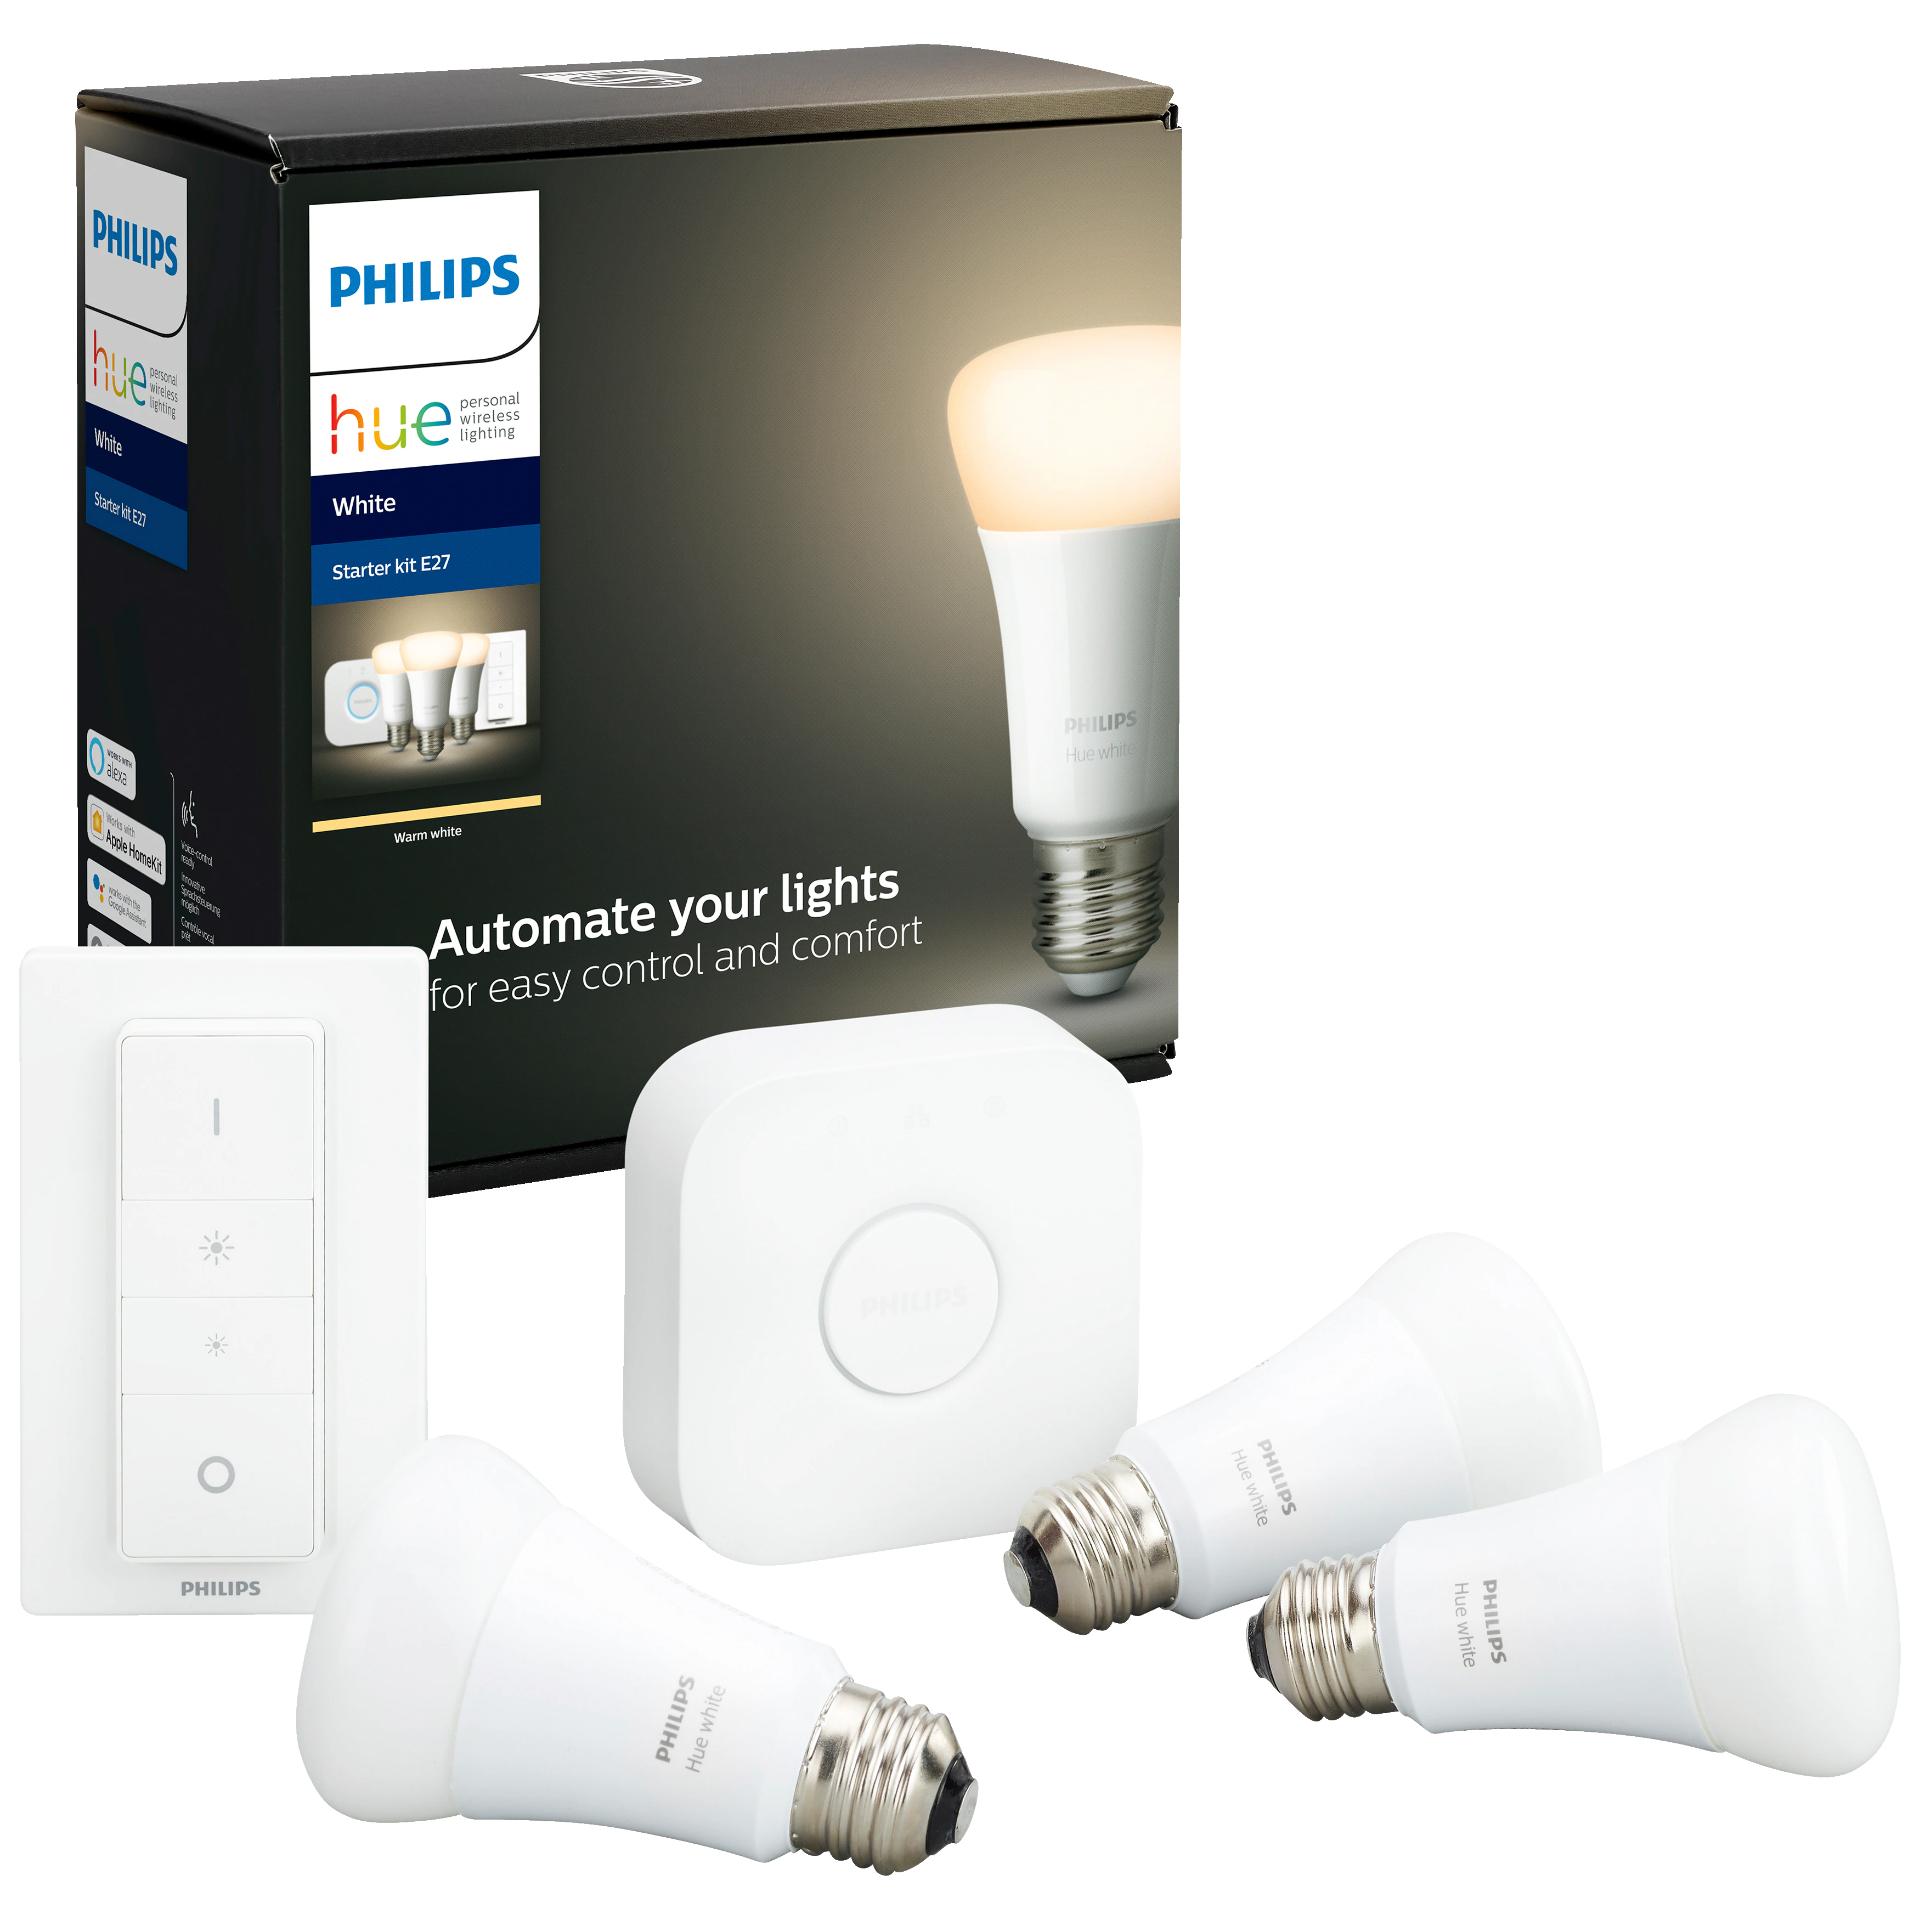 Philips Hue White - Starter Kit E27 (3x Hue White Lampe, 1x Bridge, 1x Dimmschalter)